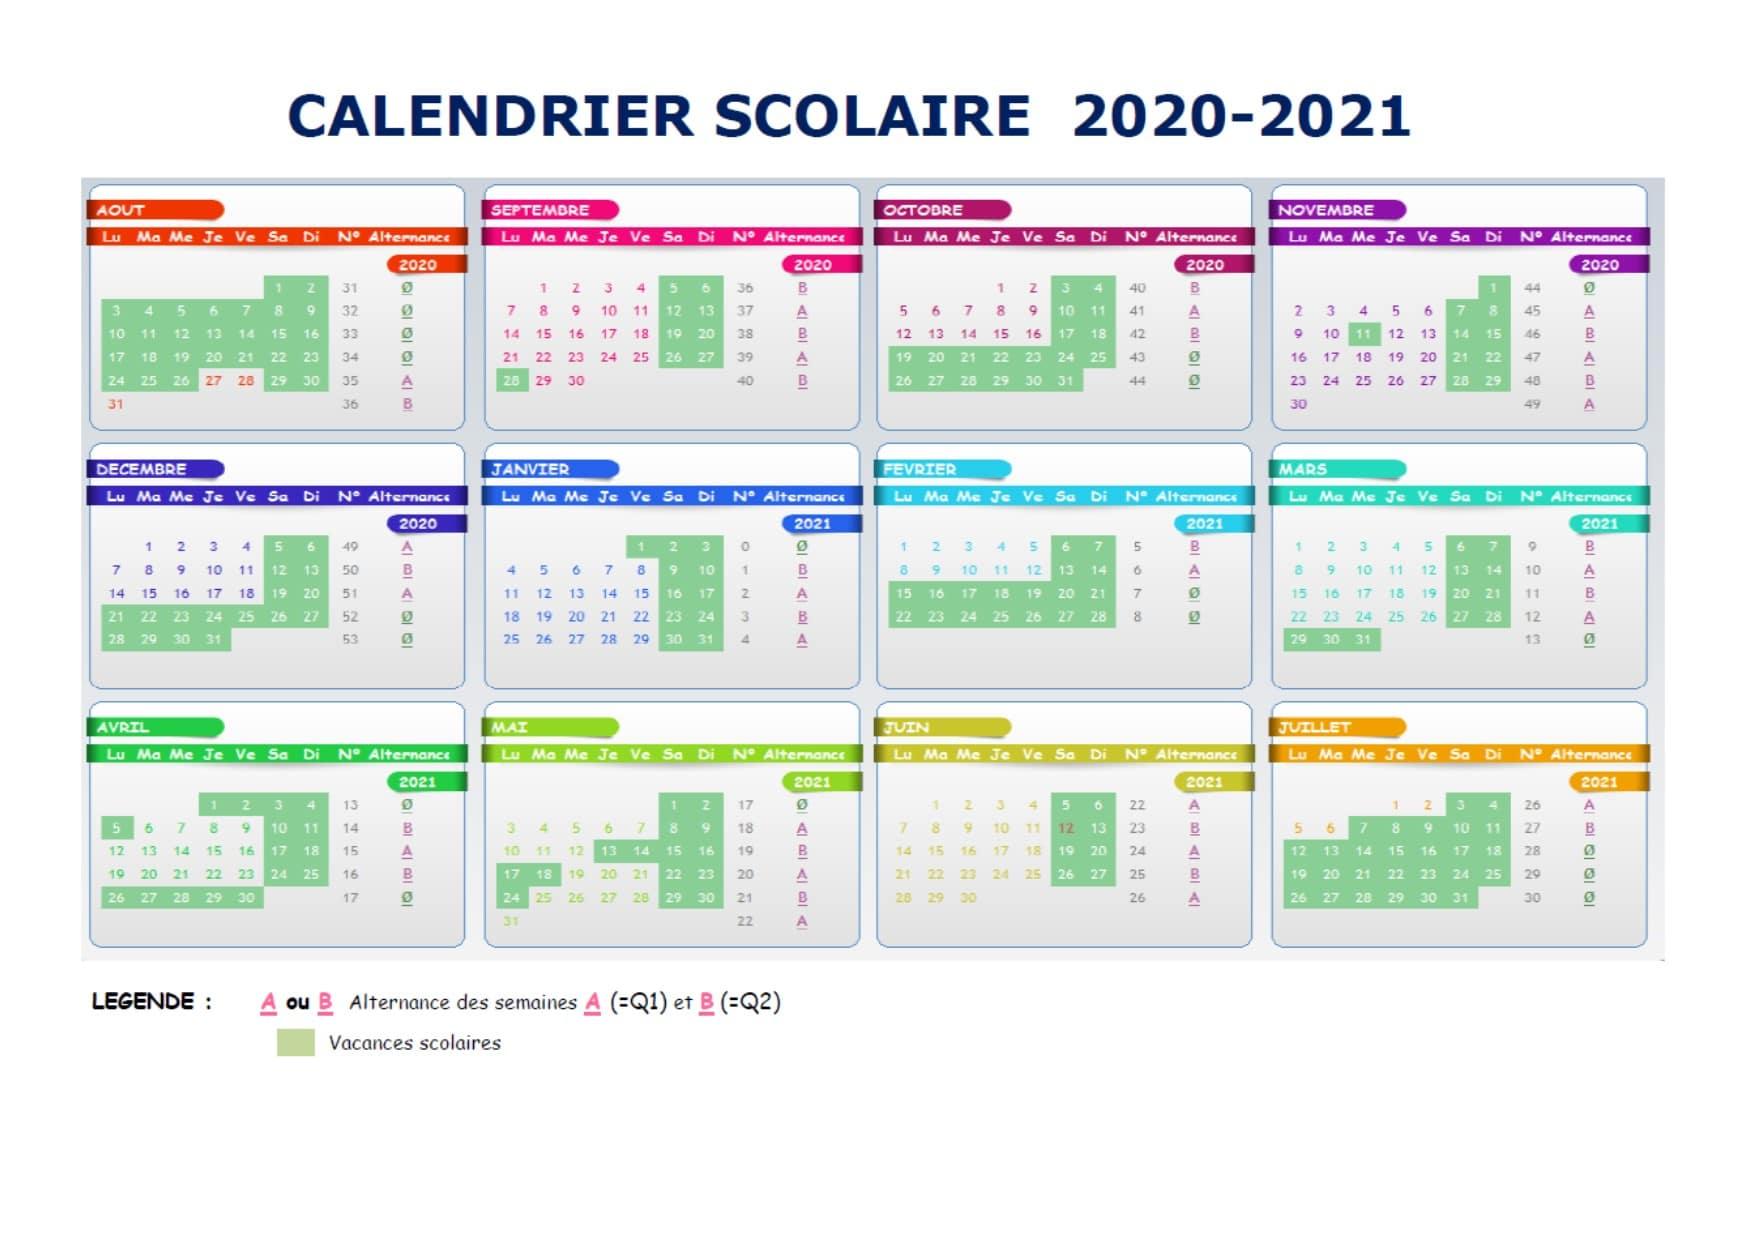 Calendrier Scolaire 2021 Toulouse Calendrier de Toulouse   ORT France